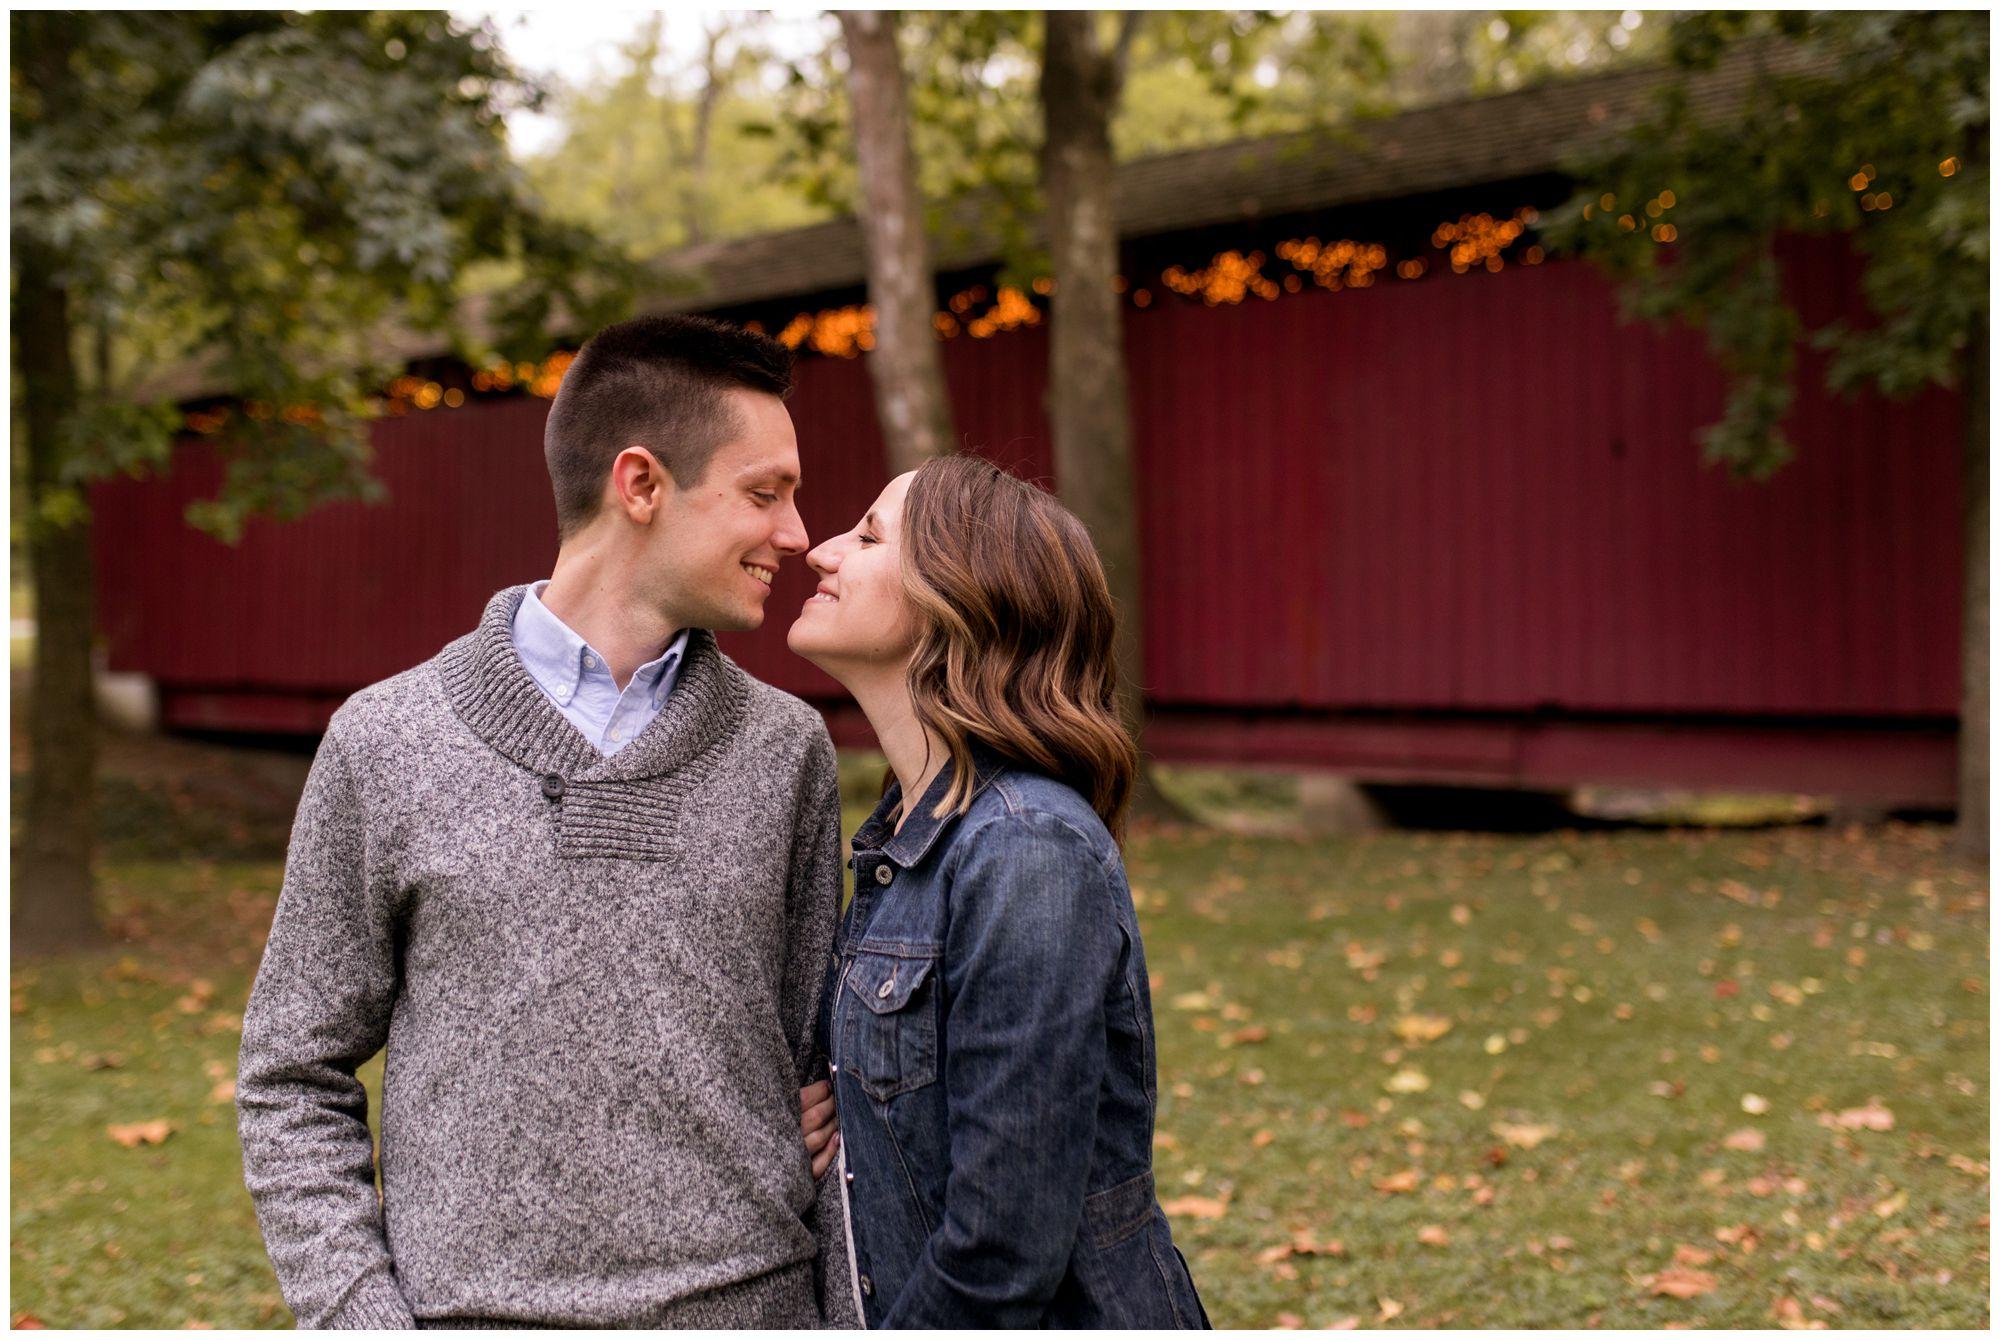 Highland Park engagement session in Kokomo Indiana